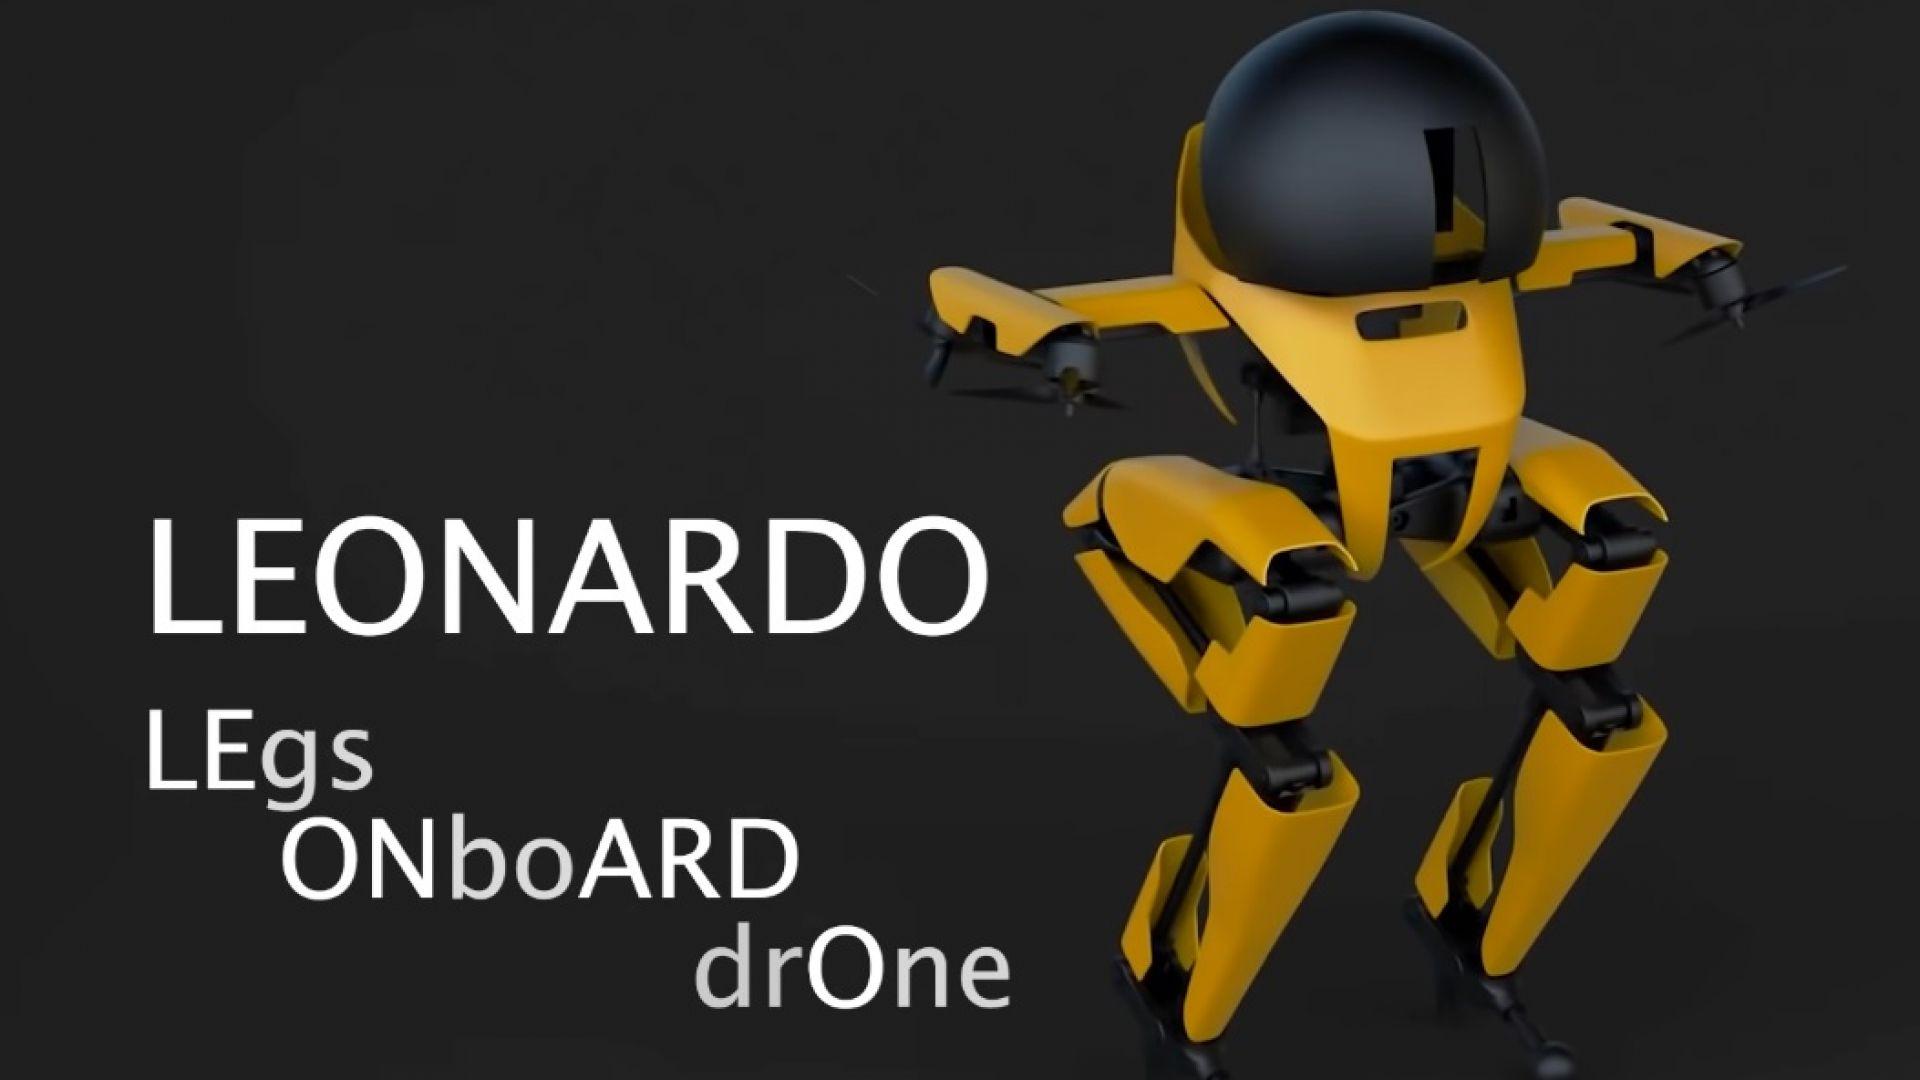 Създадоха нов зловещ робот, който може да ходи и лети (видео)